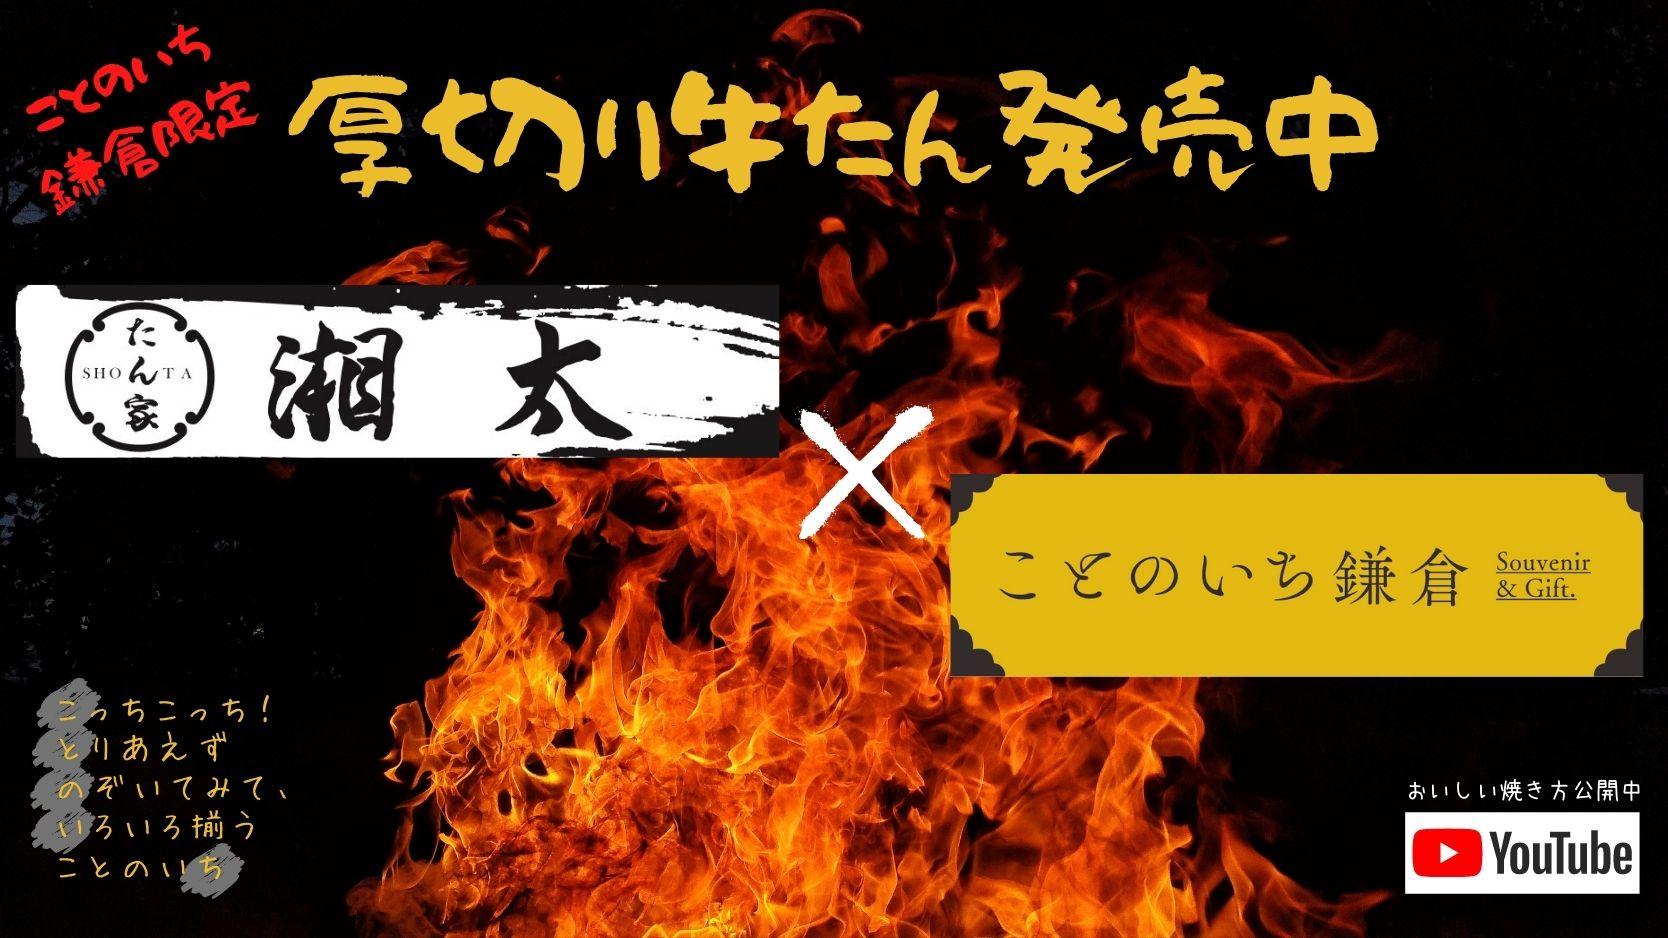 【ことのいち鎌倉限定】厚切り牛たん発売中